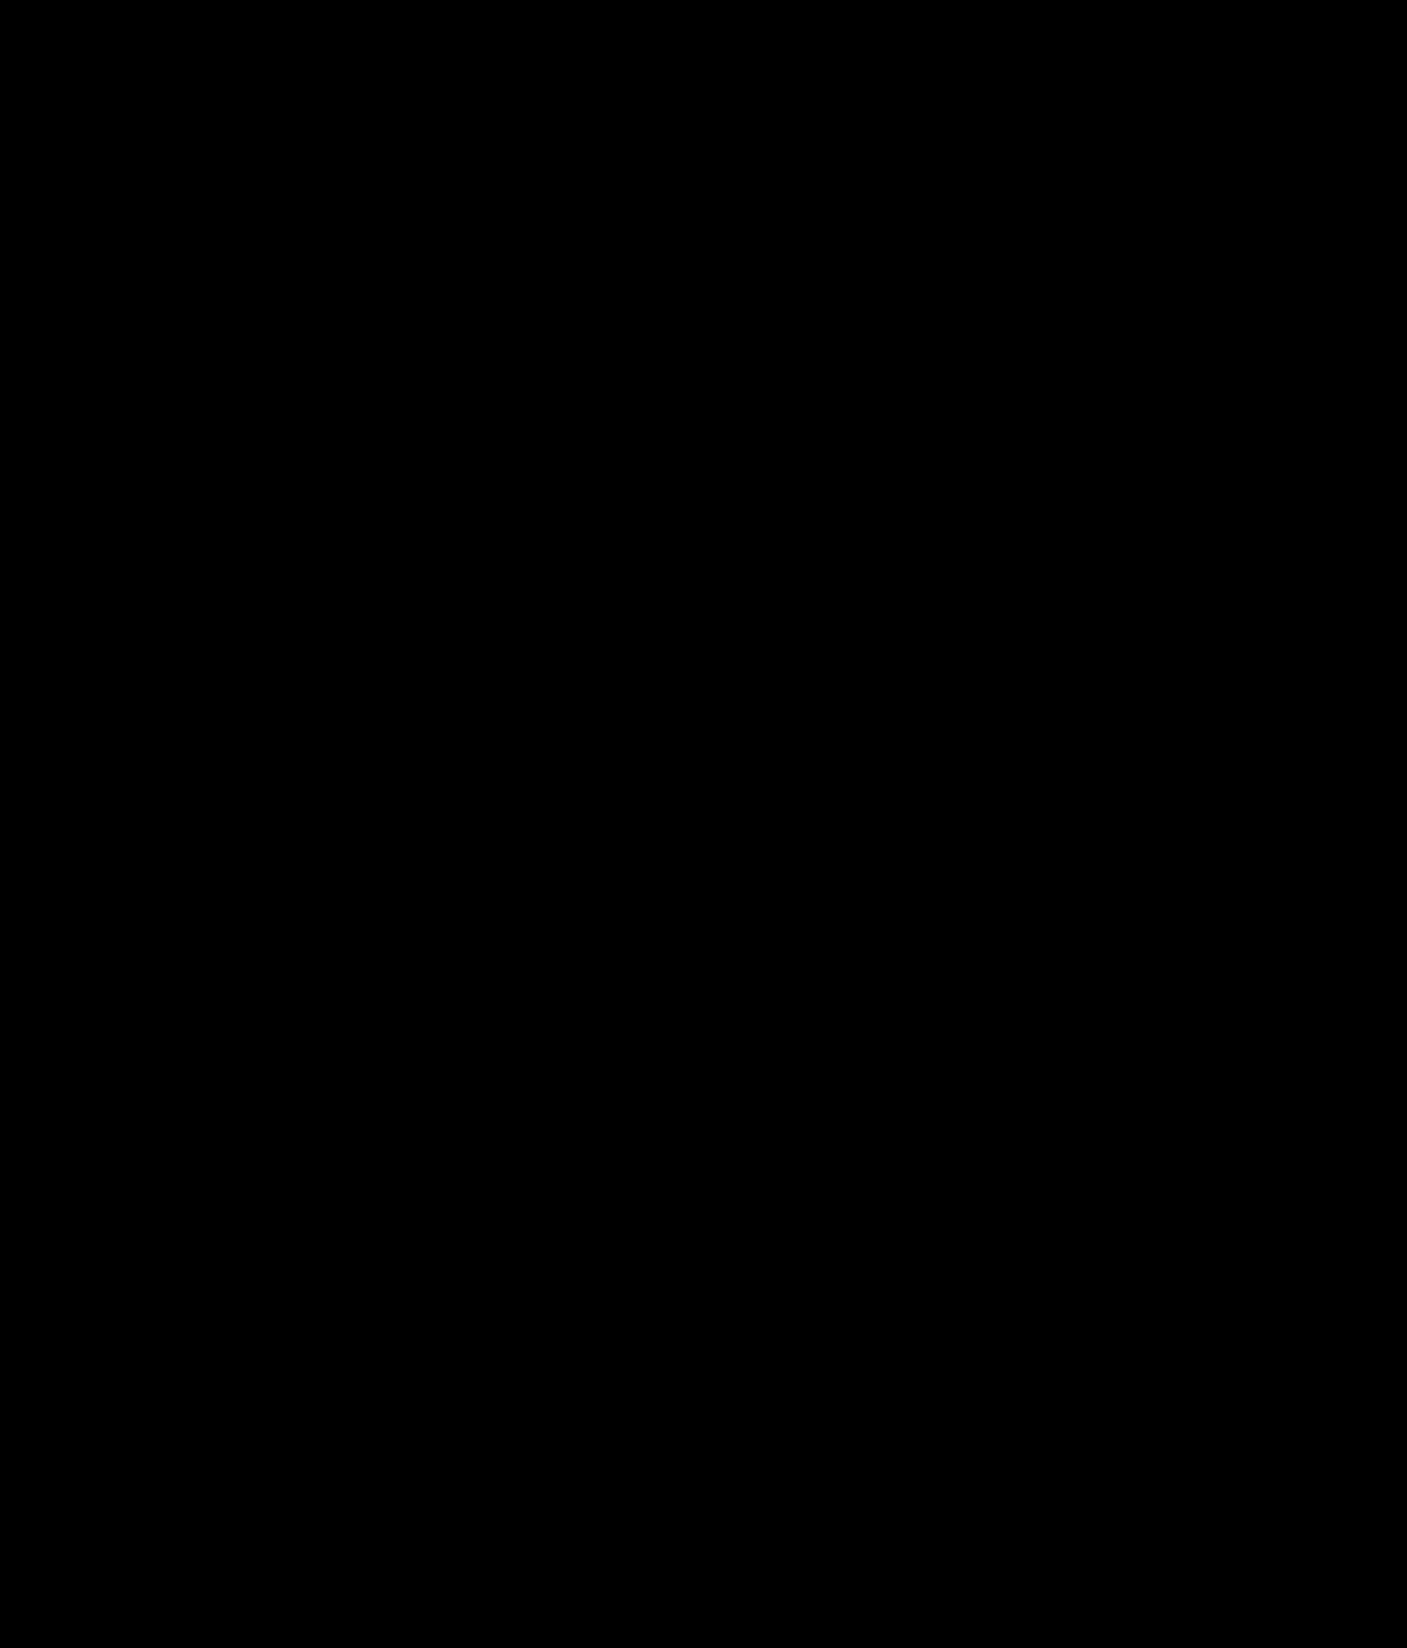 Clipart ninja logo big. Royalty free png images